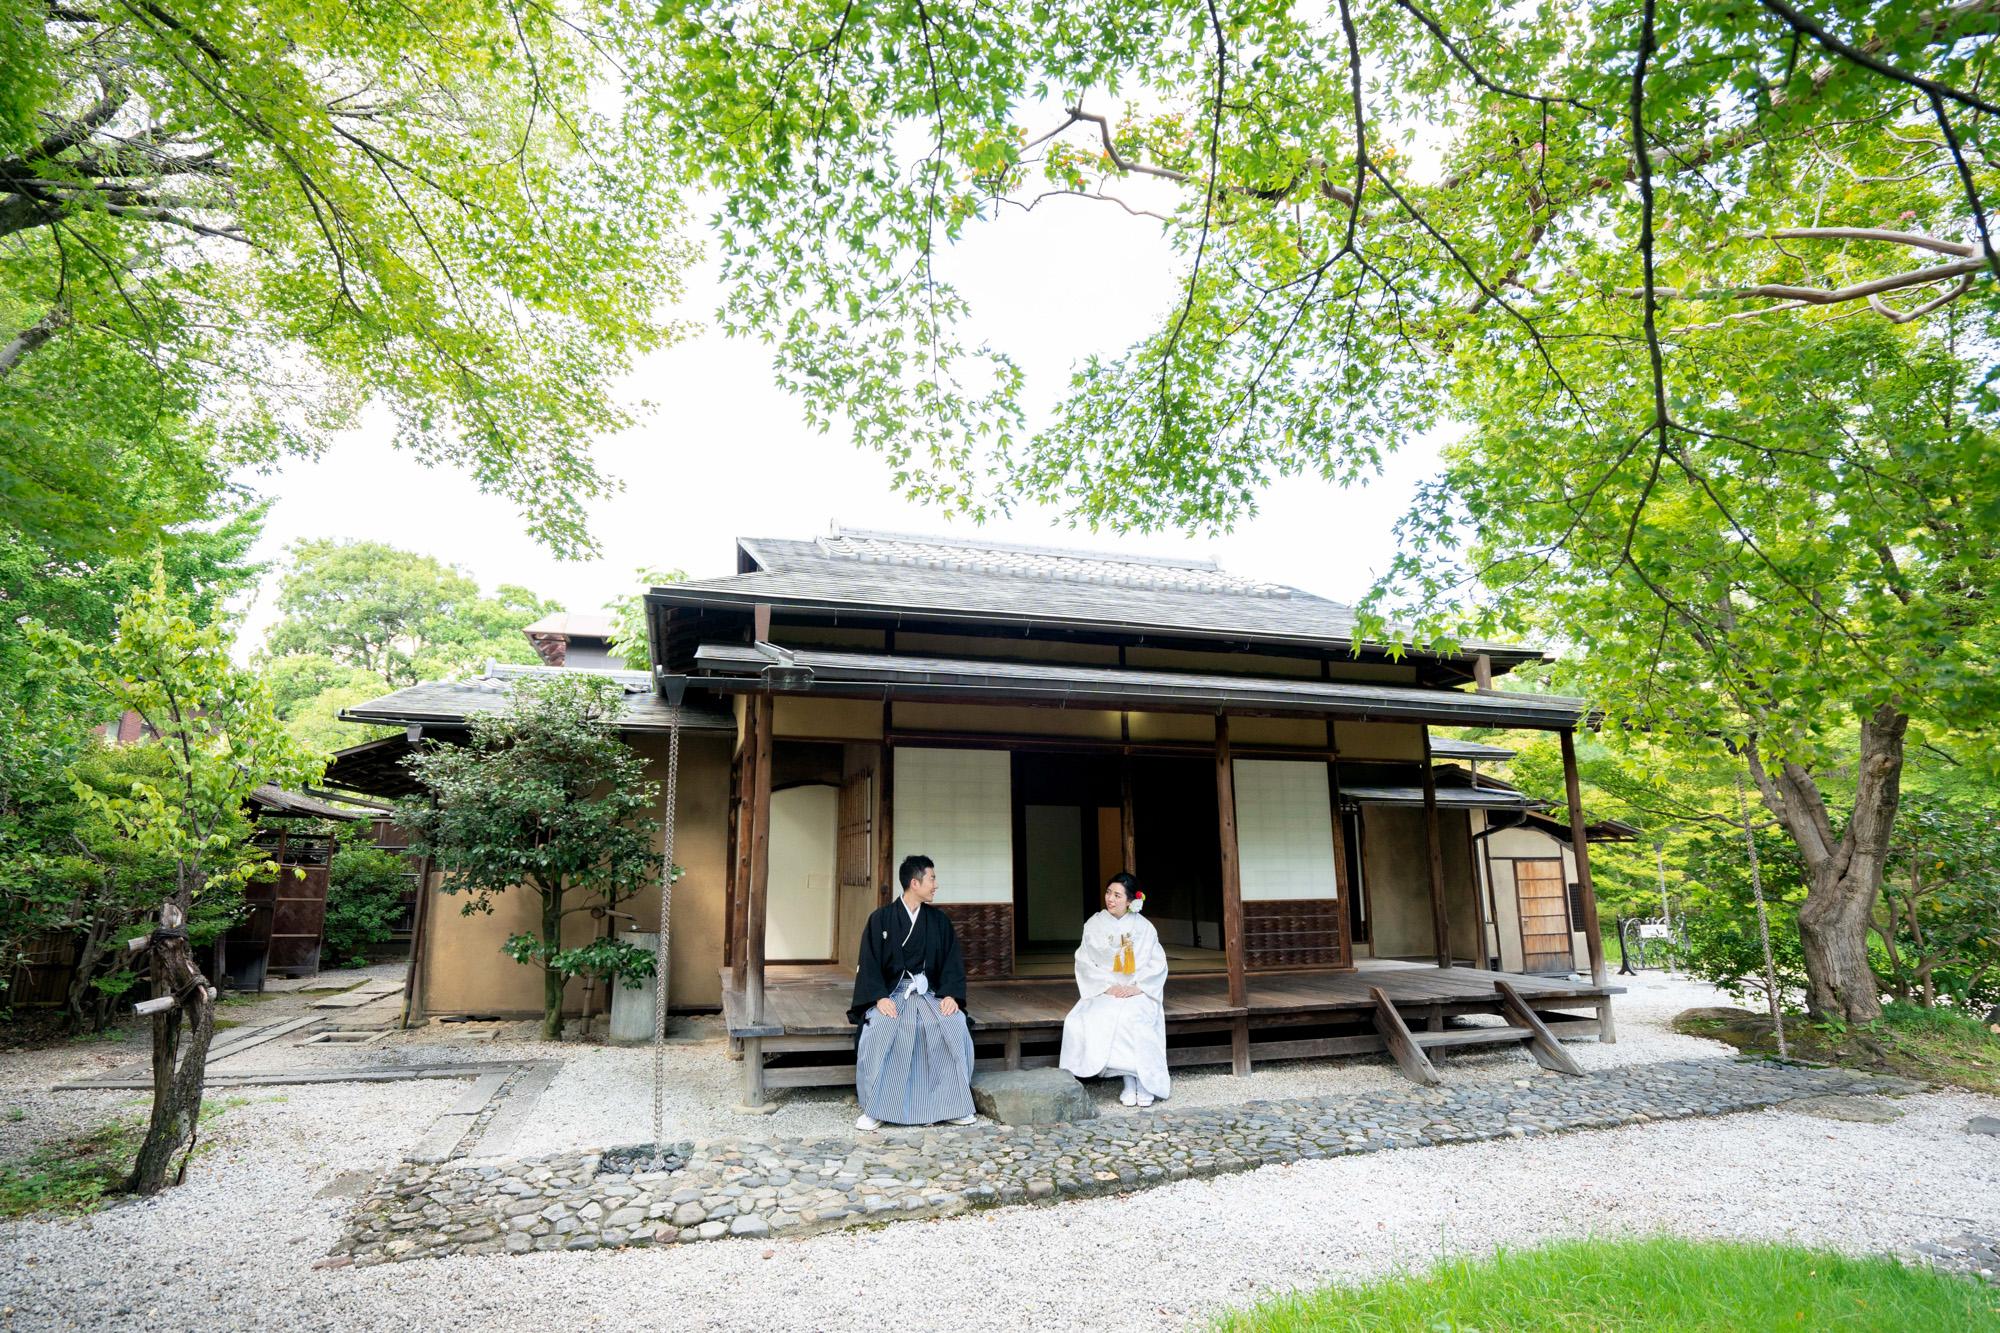 京都の茶室「堪庵」の縁側で和装前撮り